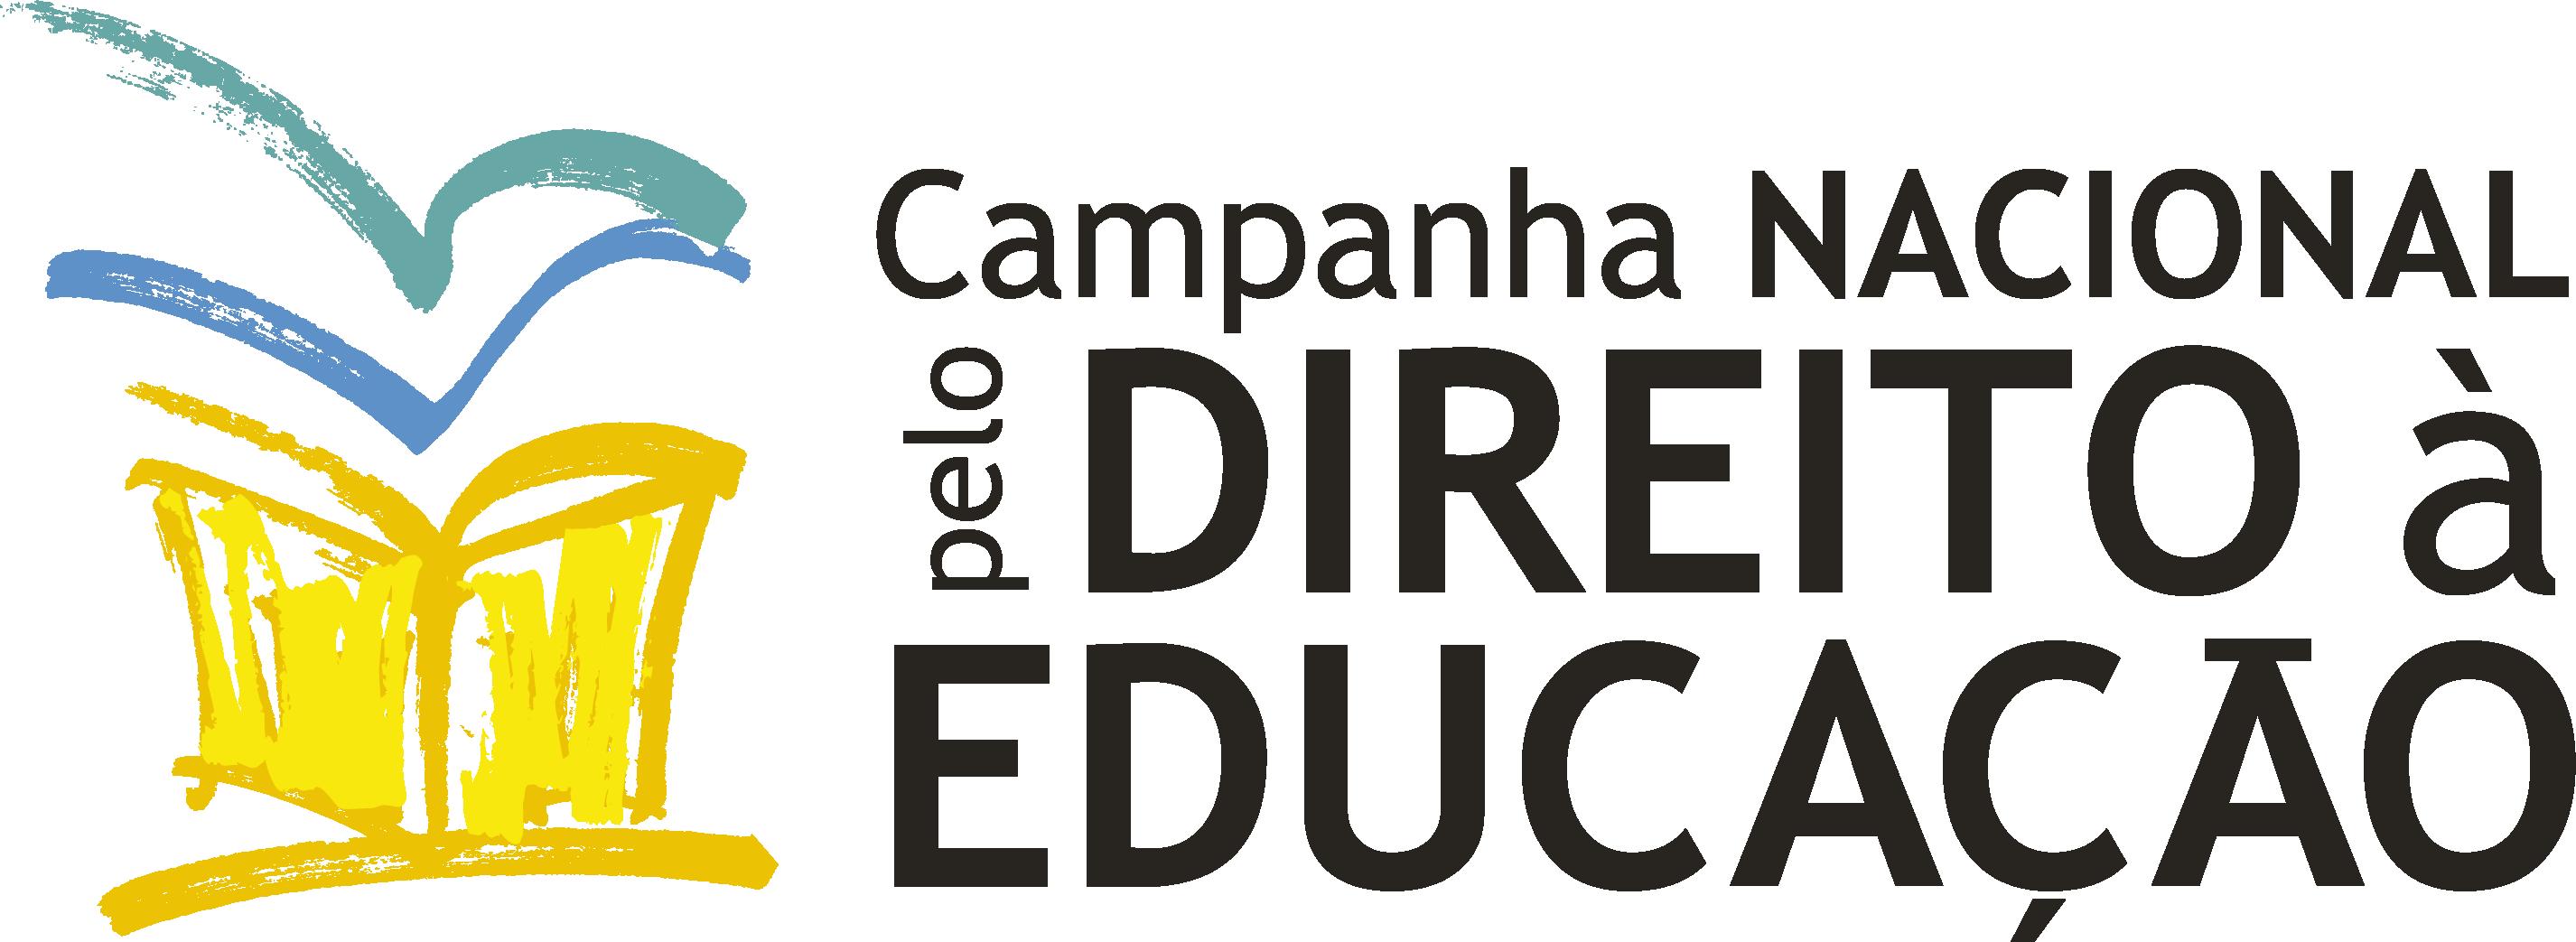 Logo da entidade Campanha Nacional pelo Direito à Educação. A logo apresenta um caderno amarelo, com detalhes em azul e verde água.